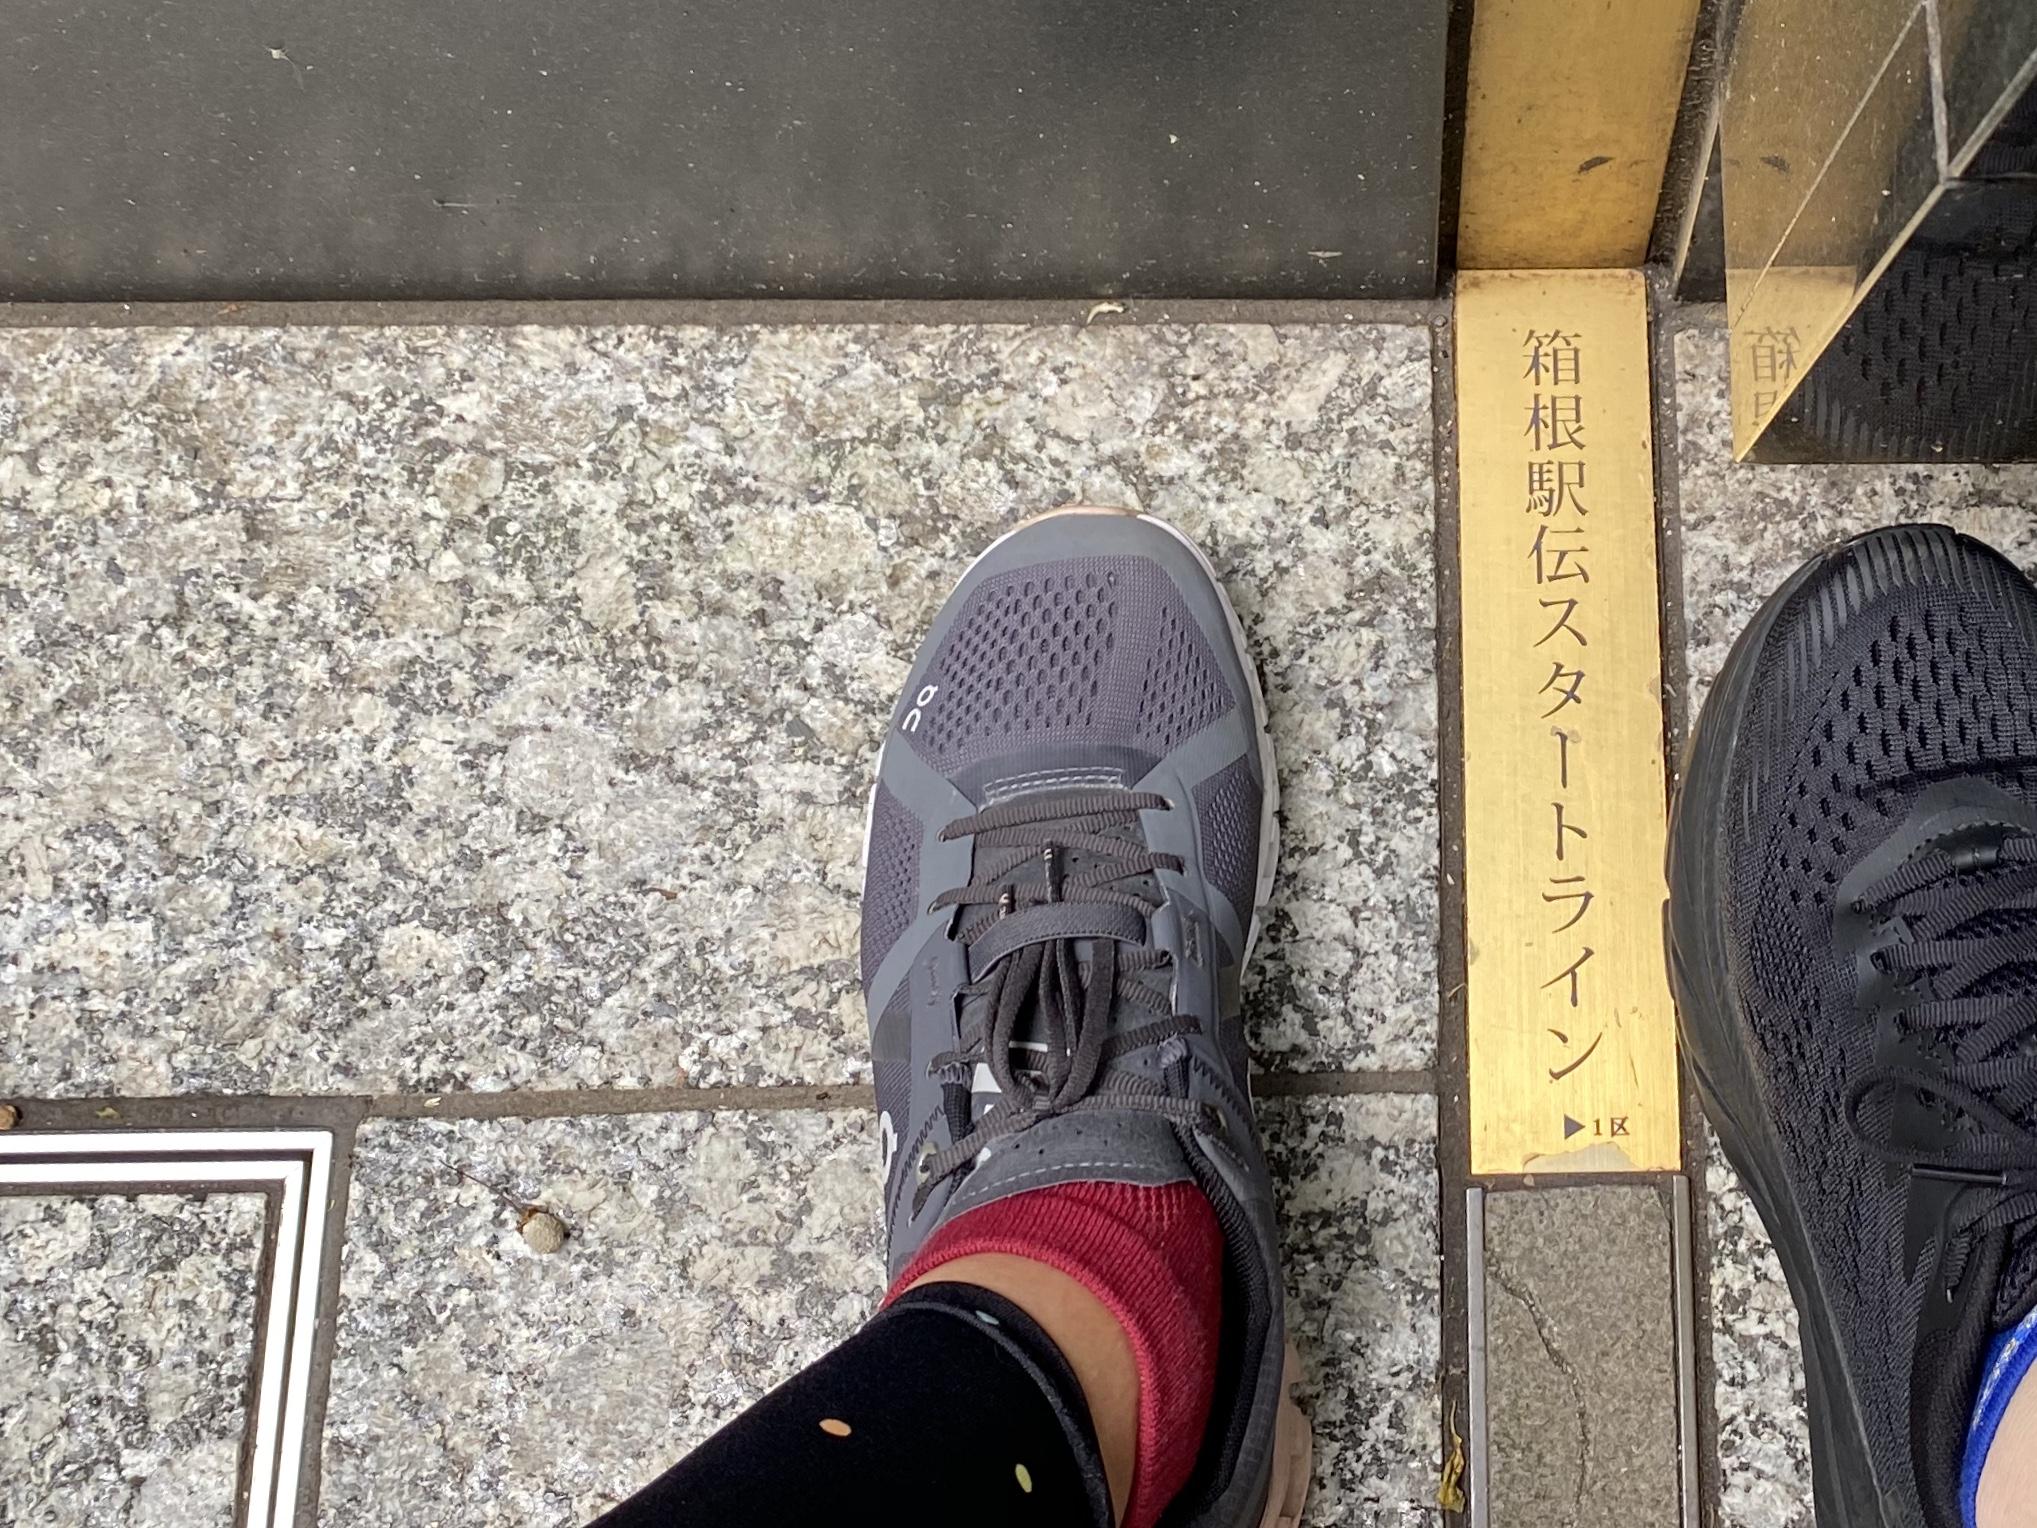 箱根駅伝スタートラインで友人と